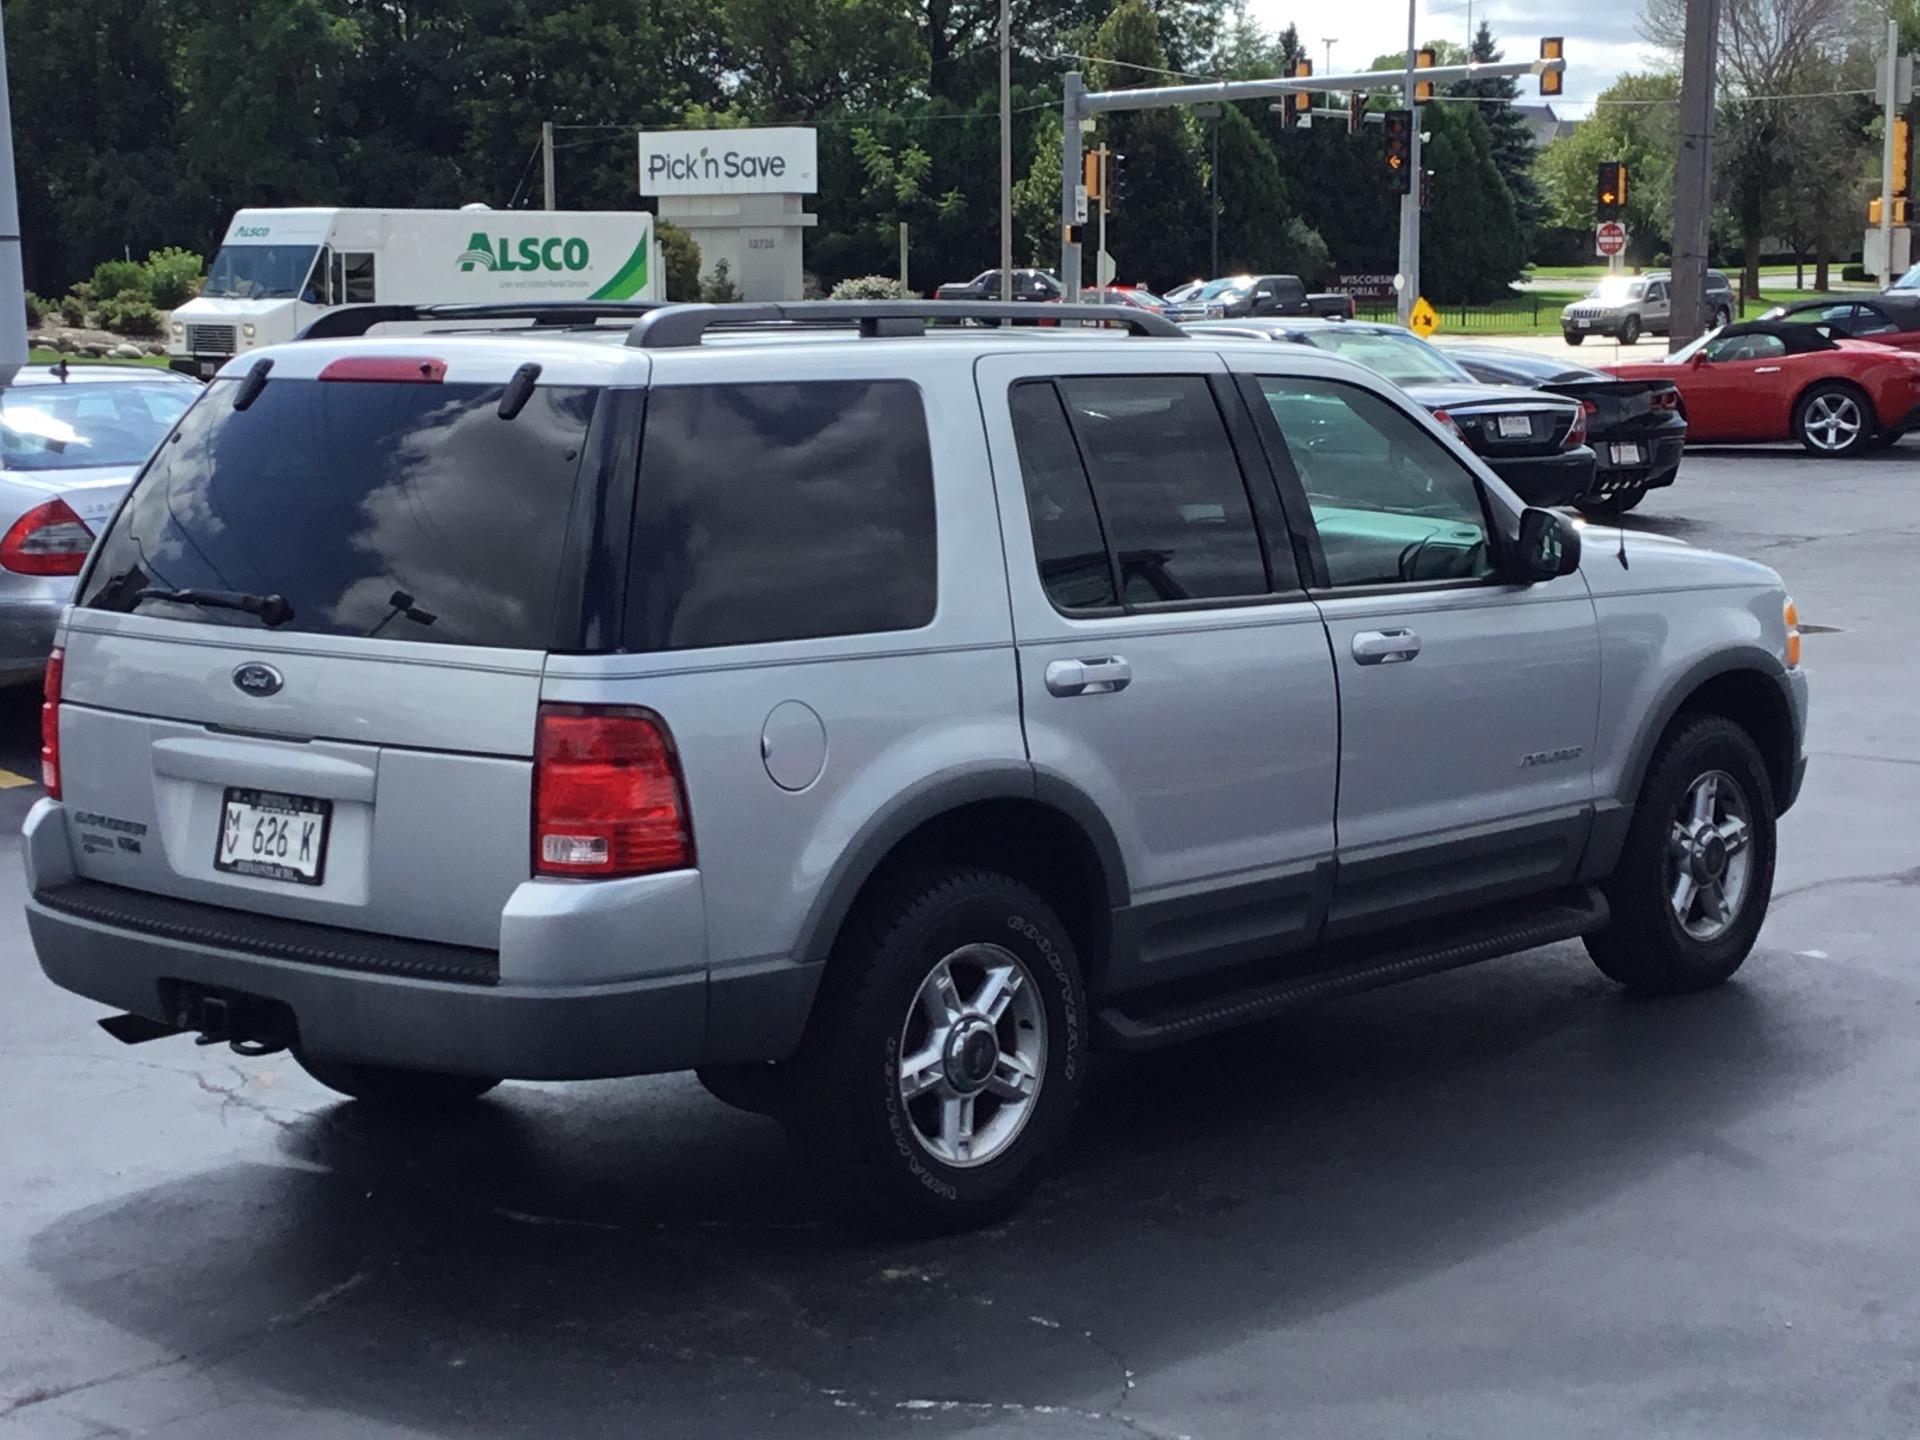 Used 2002 ford explorer xlt